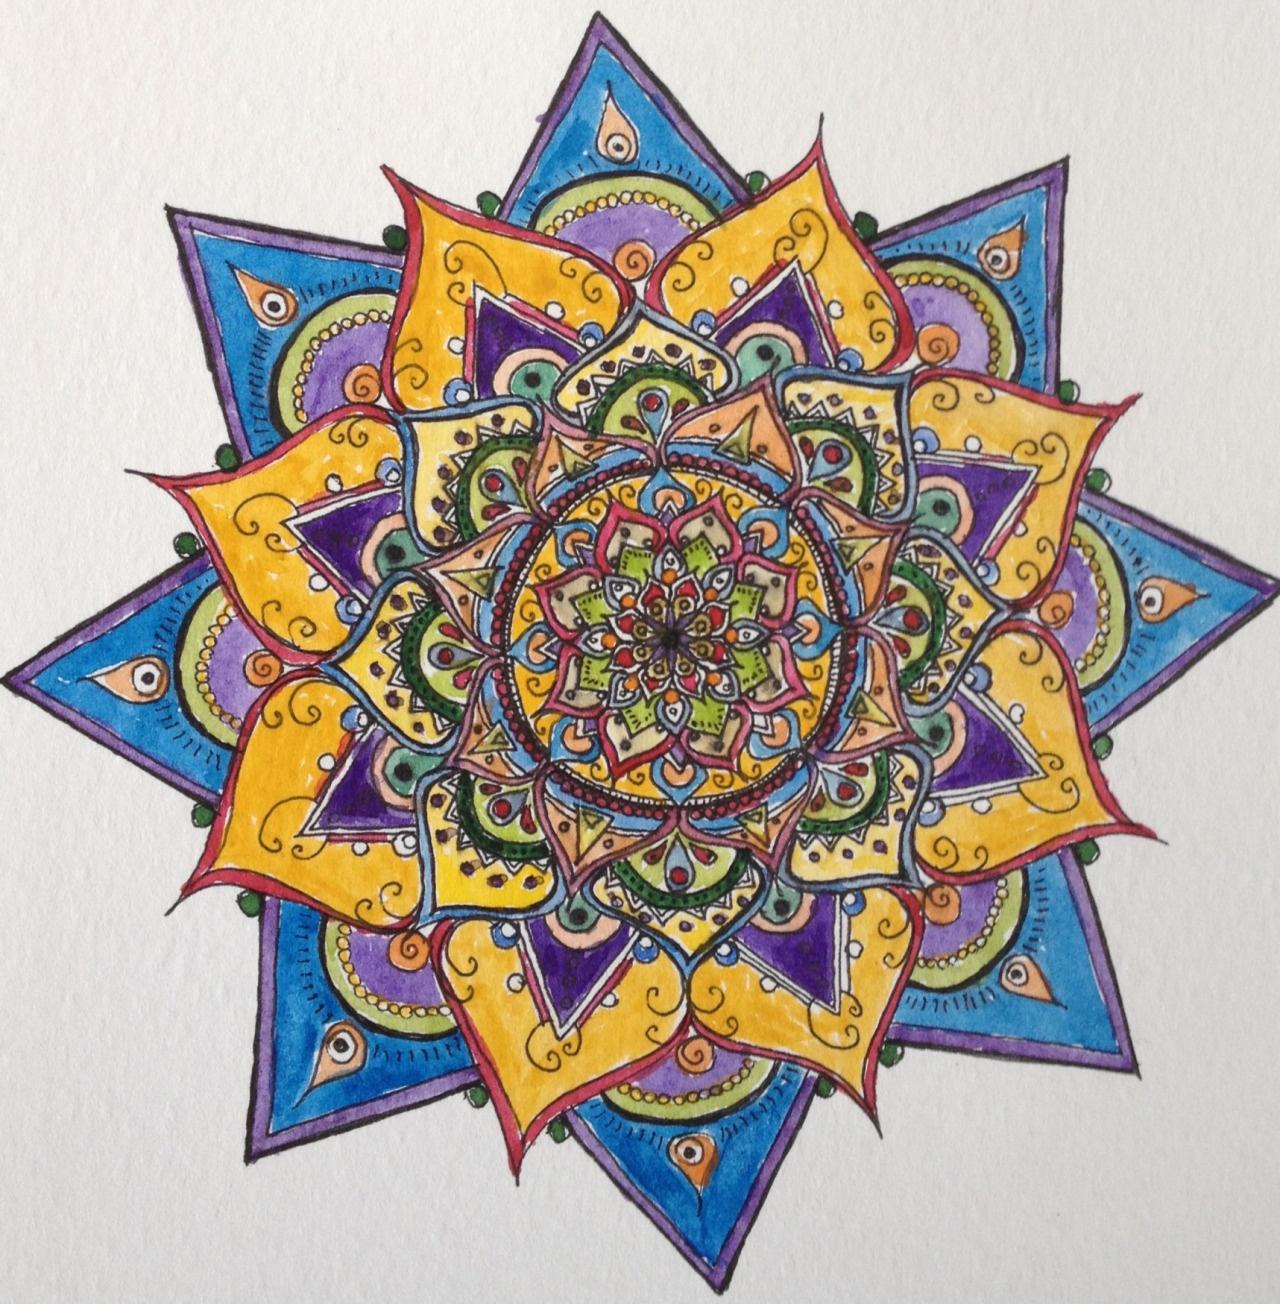 Coloriage adulte anti stress 32 dessin de mandala - Dessin anti stress mandala ...